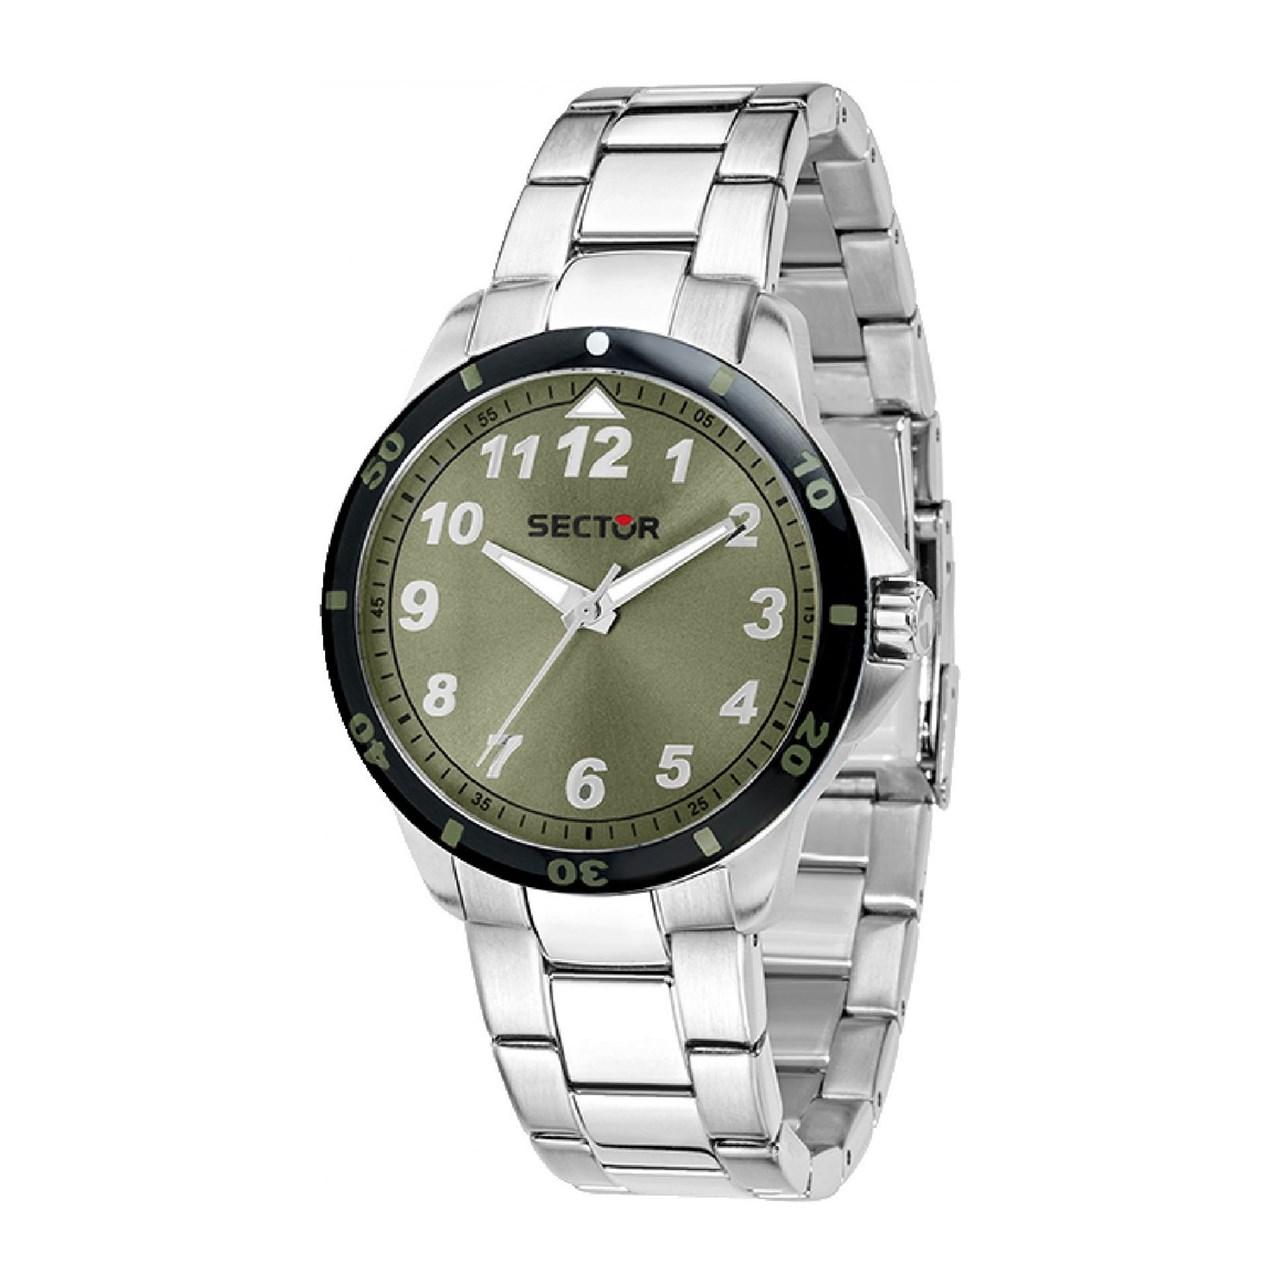 ساعت مچی عقربه ای  سکتور مدل young - 3253596004 52